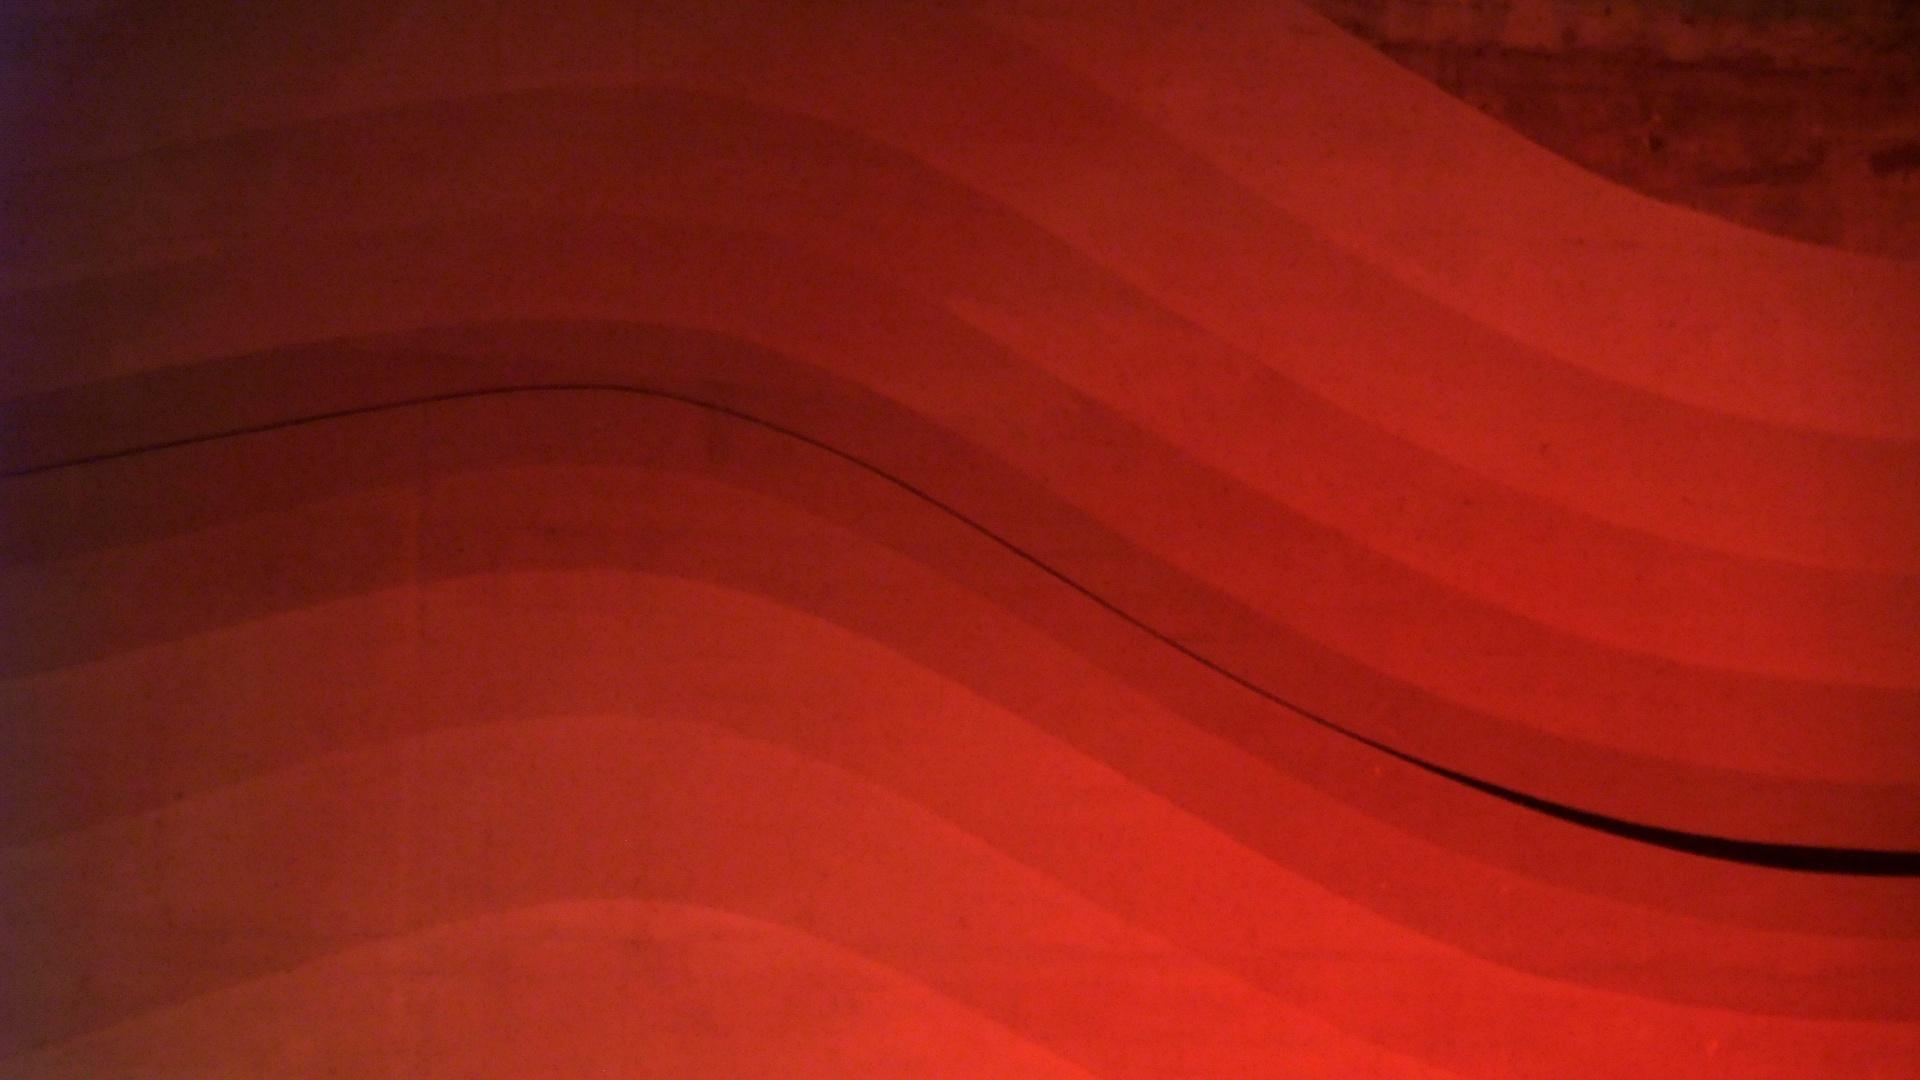 red textured wallpaper 2015   Grasscloth Wallpaper 1920x1080